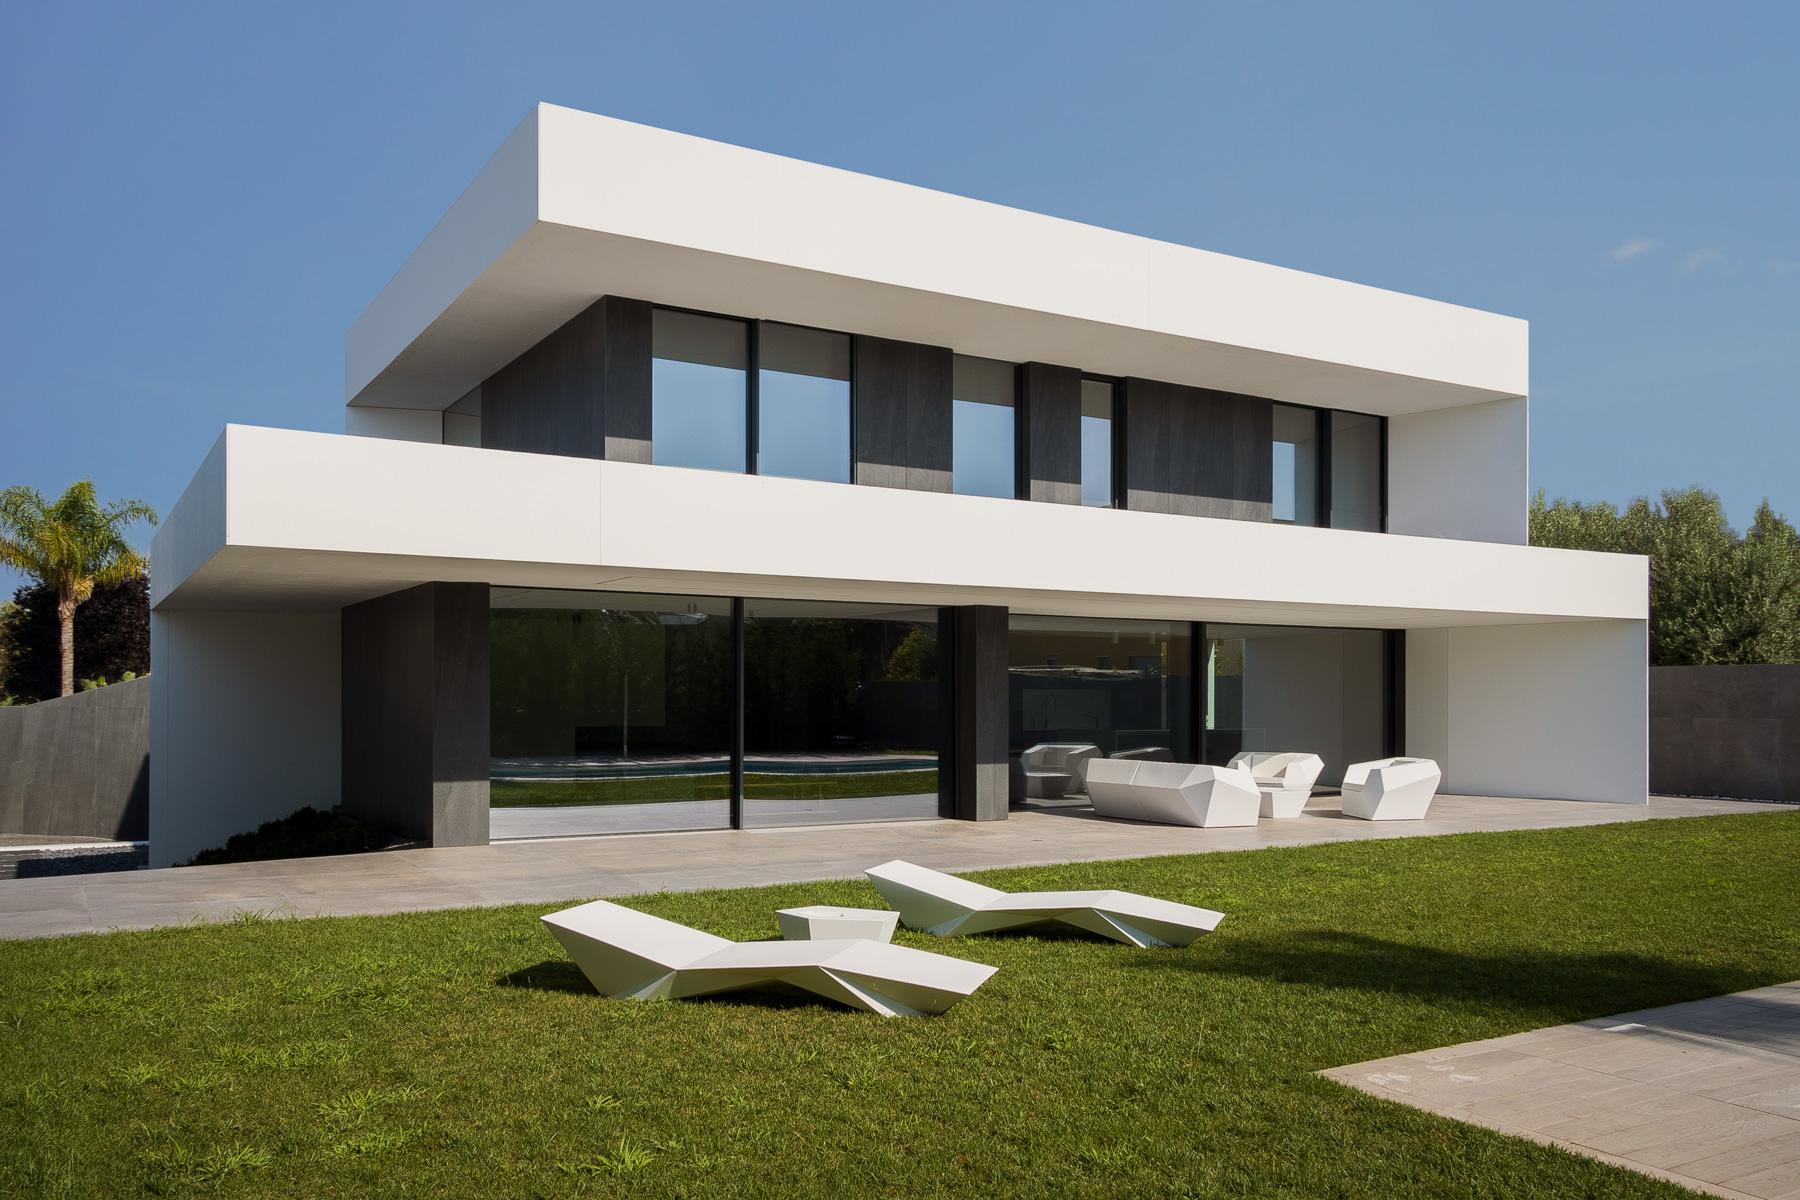 Casa moderna y minimalista blanca con jardín